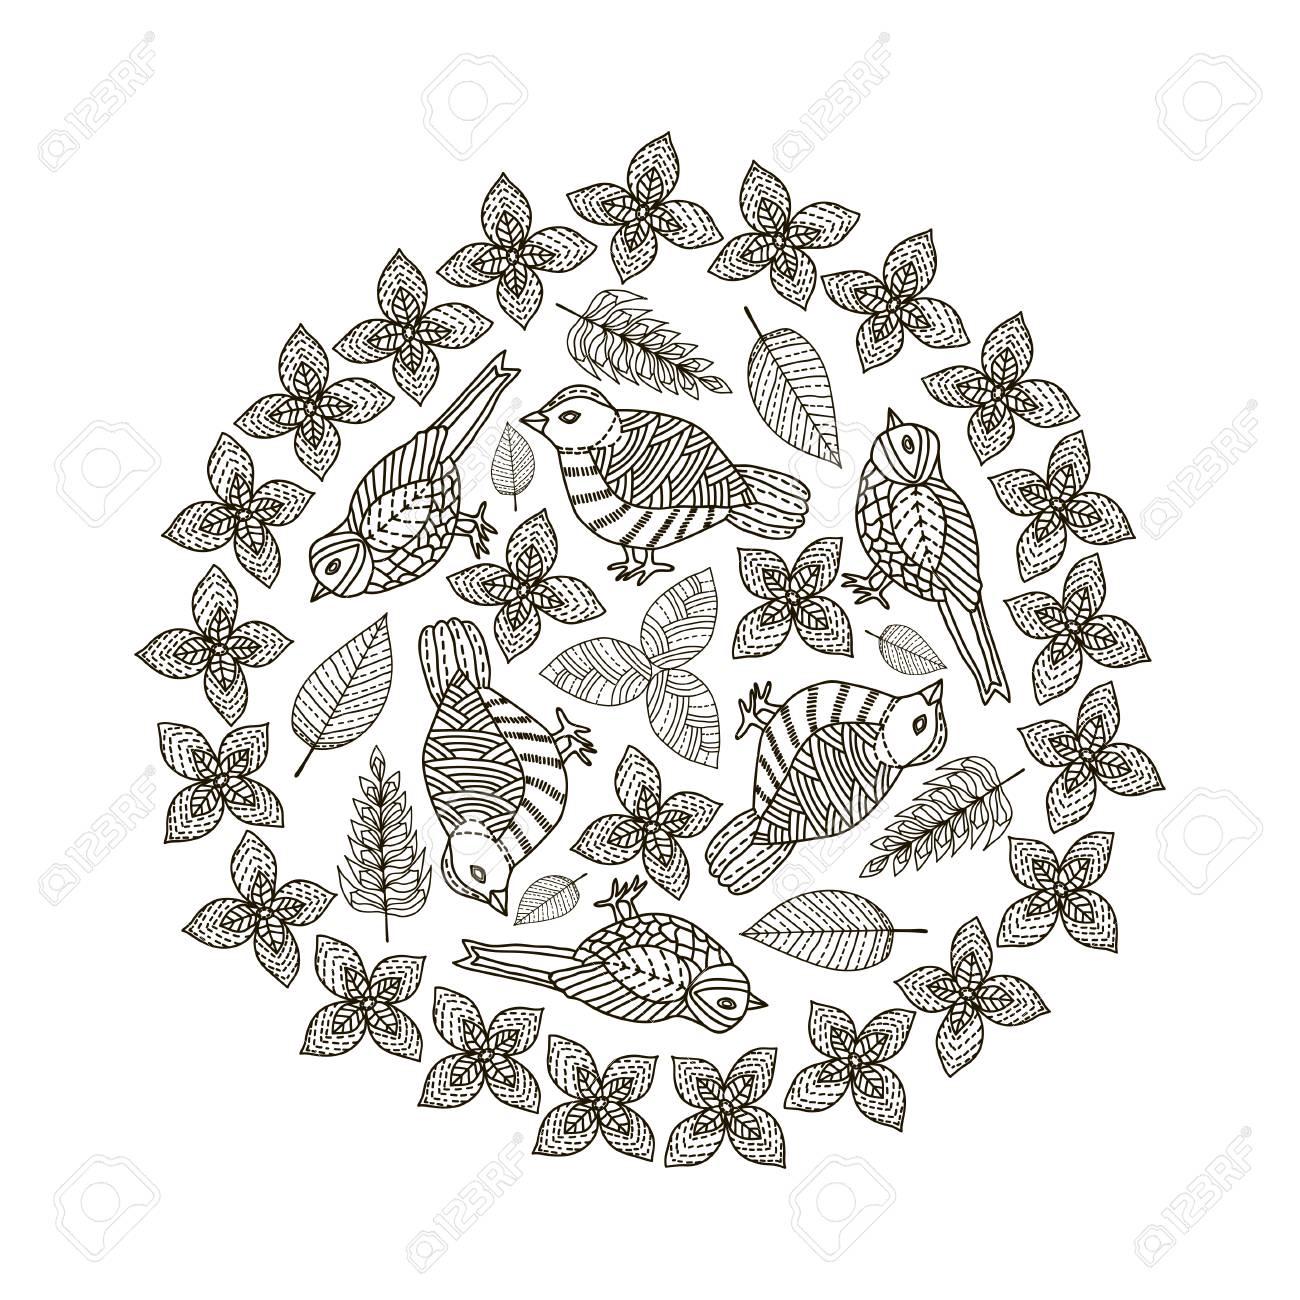 Dibujado A Mano Pájaros Y Hojas De Fondo Del Círculo. En Blanco Y ...